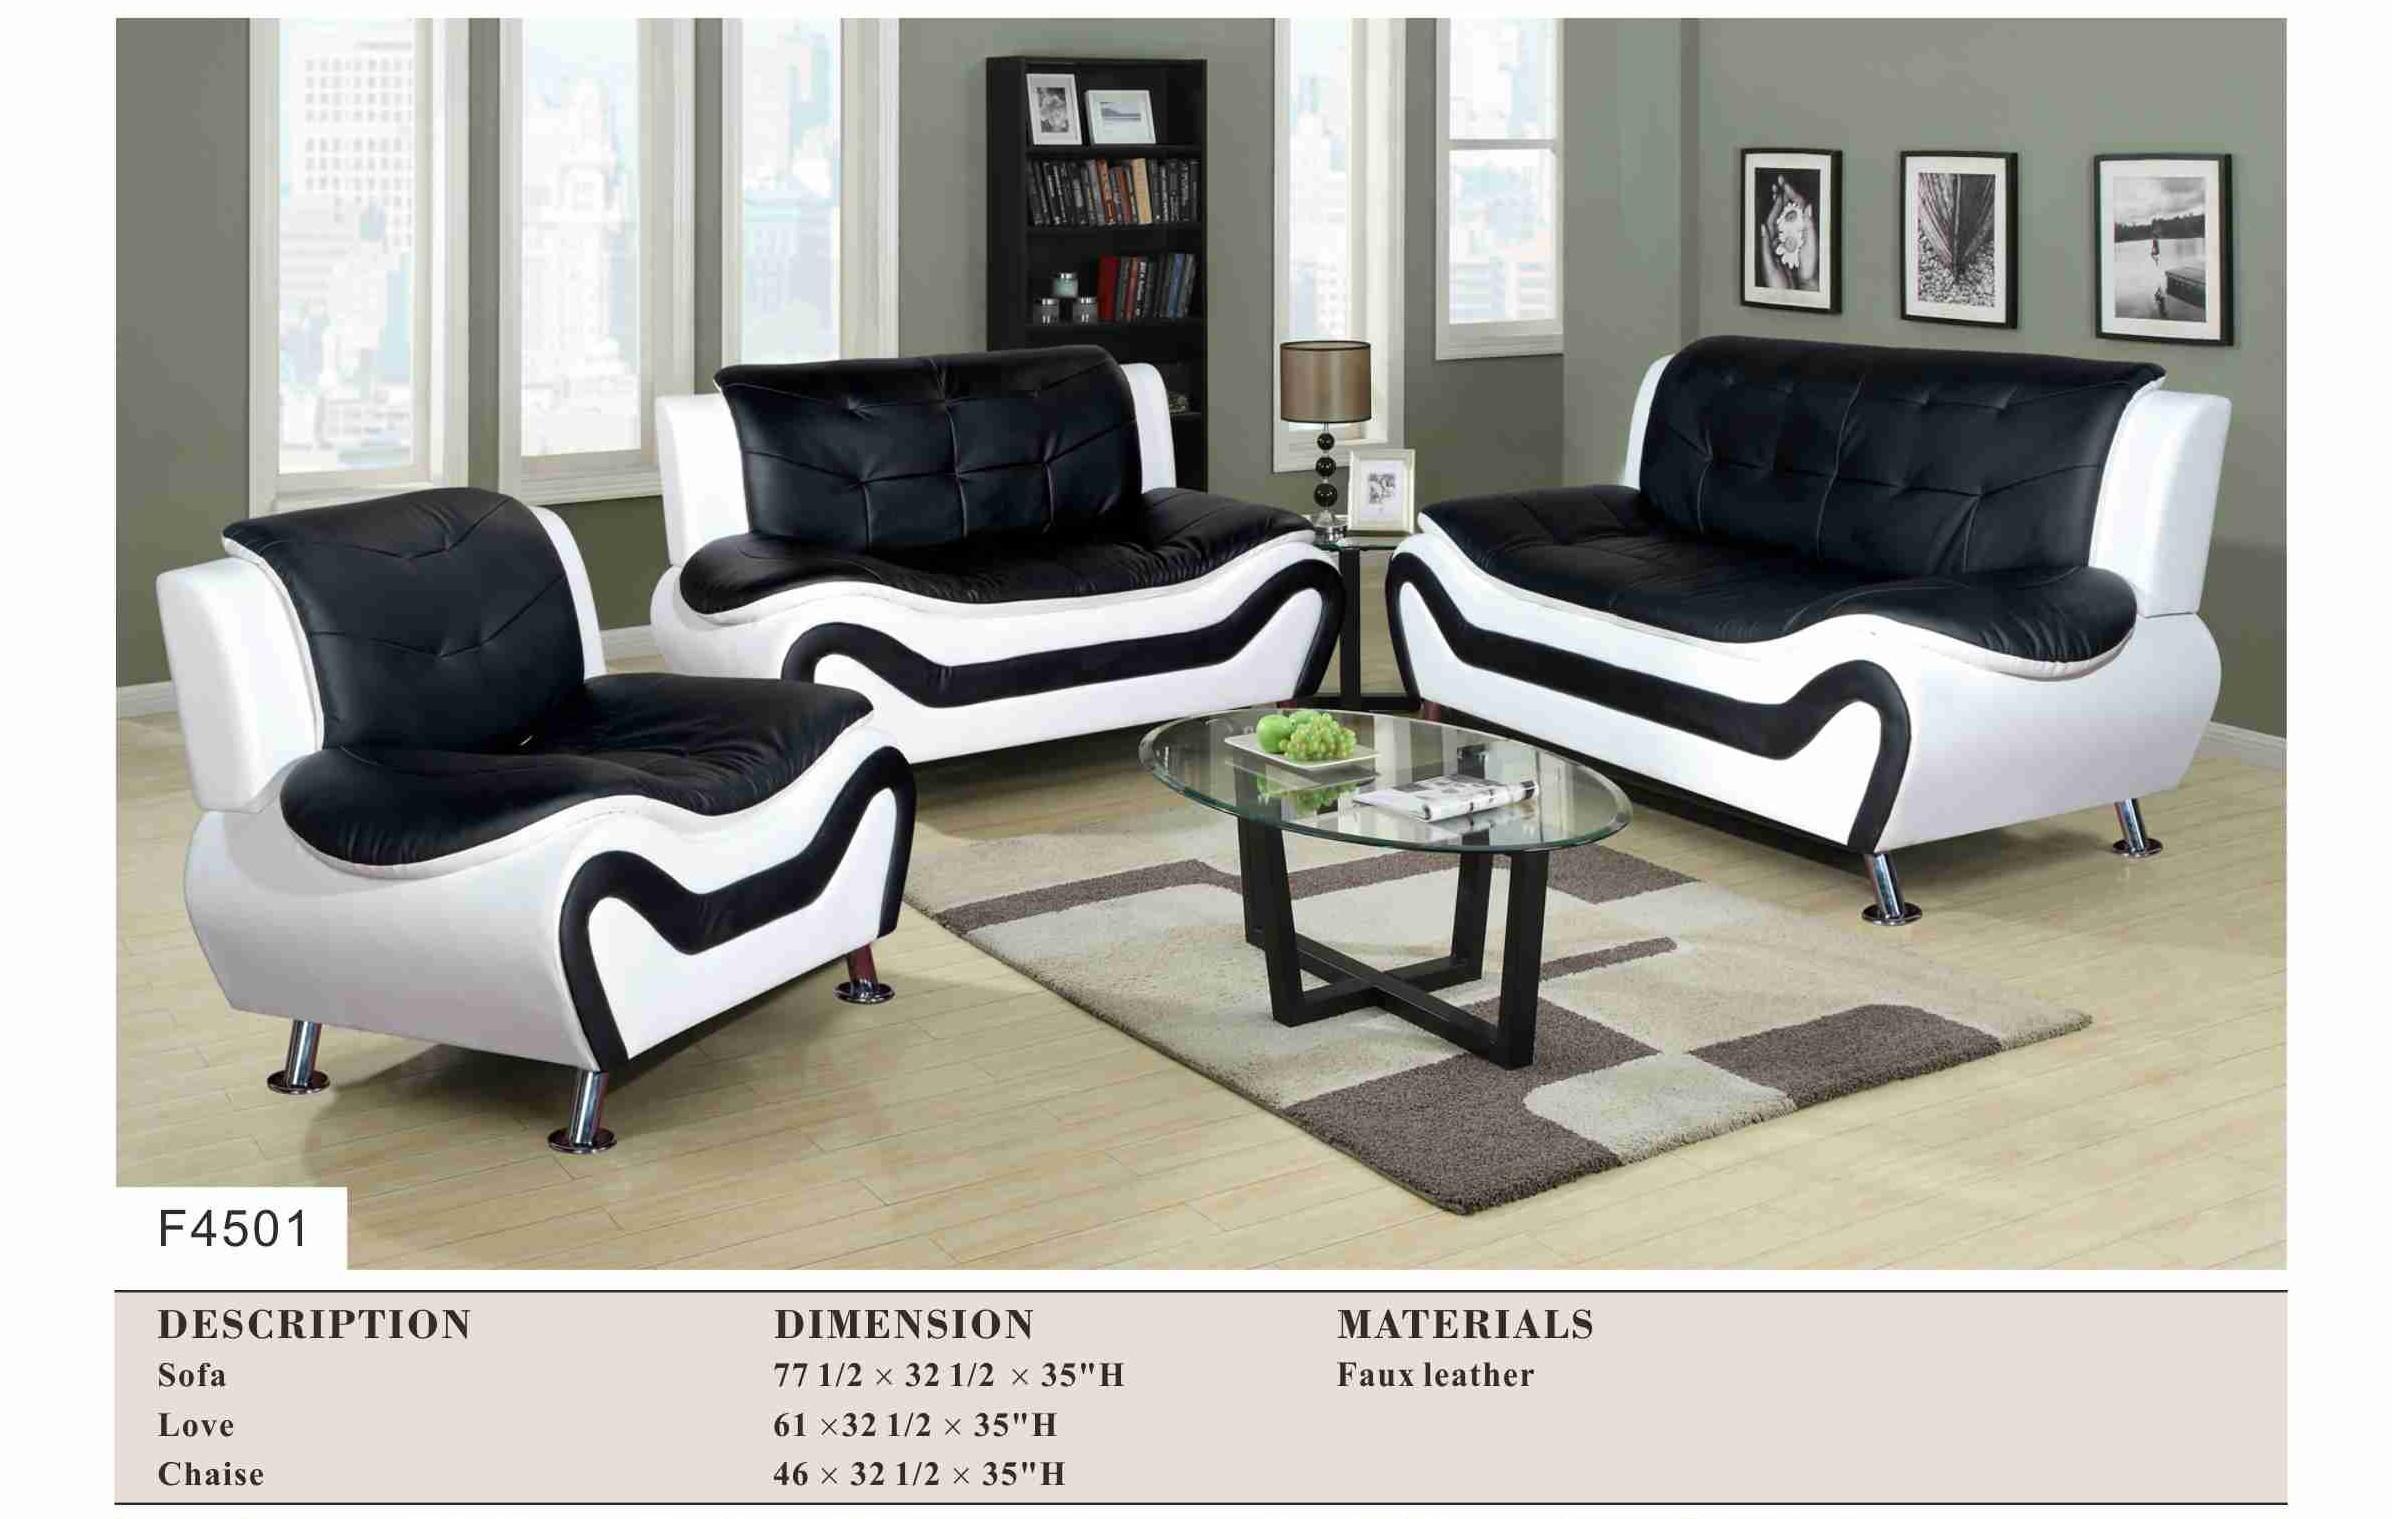 Sofas Center : 0343330 Pe535664 S5 Jpg Black And White Sofa For Black And White Sofas And Loveseats (Image 9 of 20)